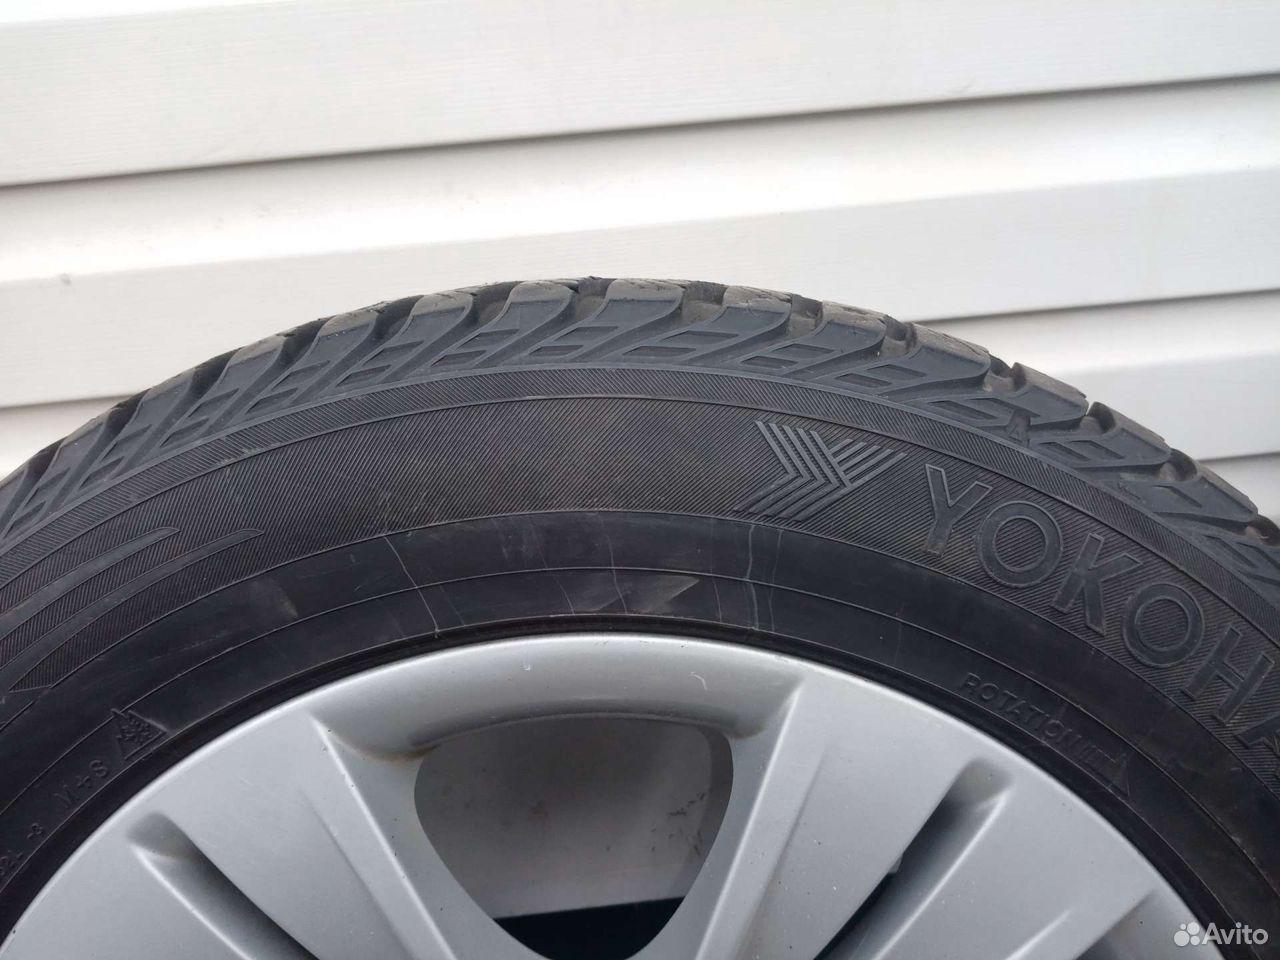 Литье и шины Бмв 18-255-55  89025666423 купить 7